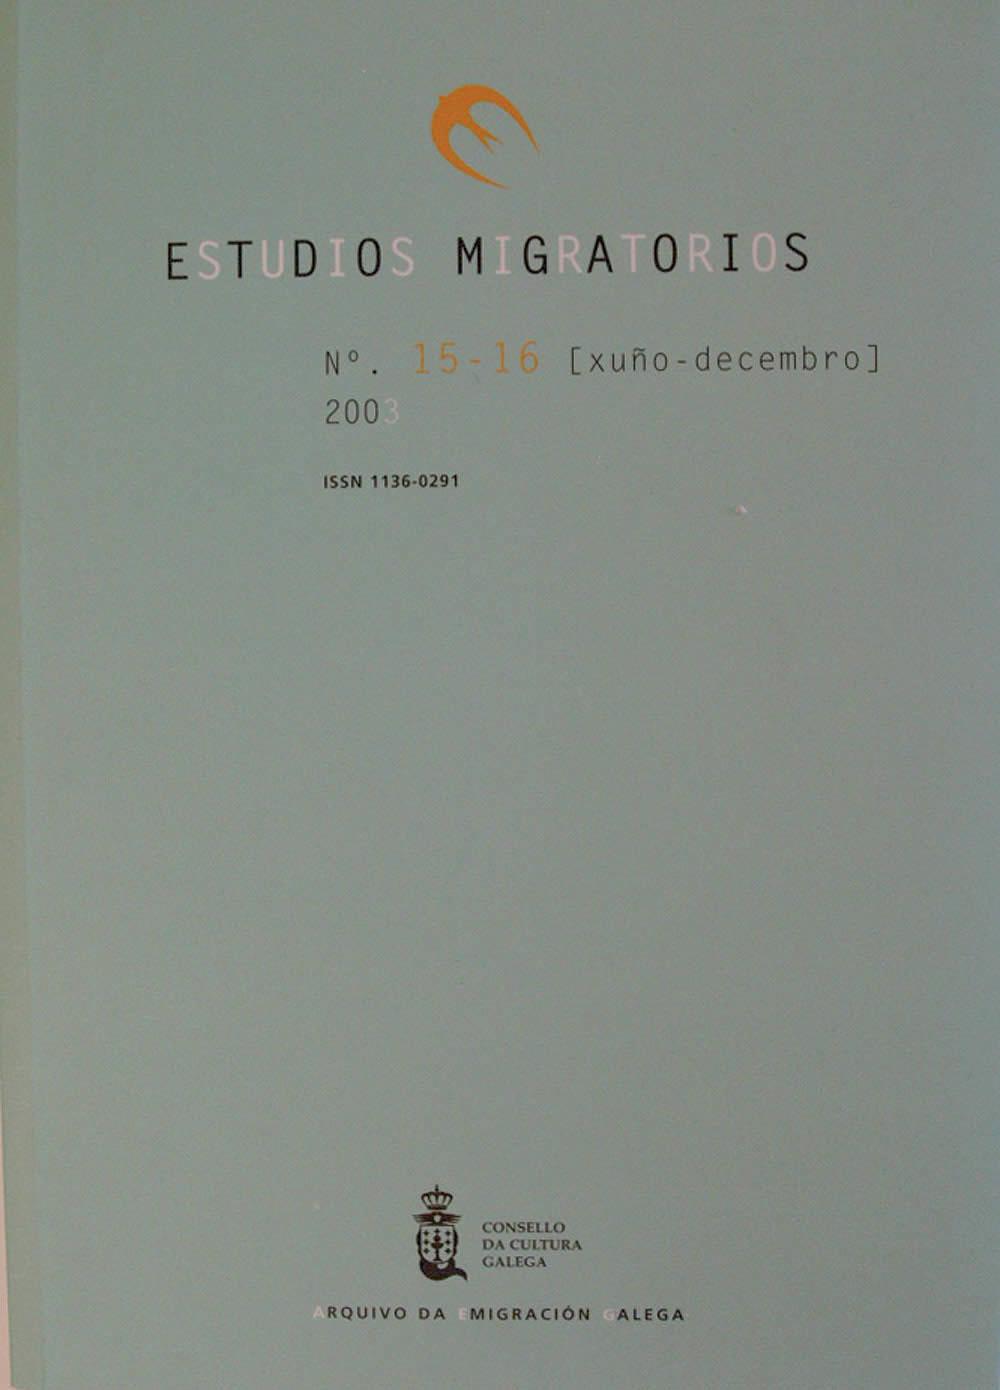 Portada de  Estudios Migratorios N.º 15-16 (xuño-decembro 2003)